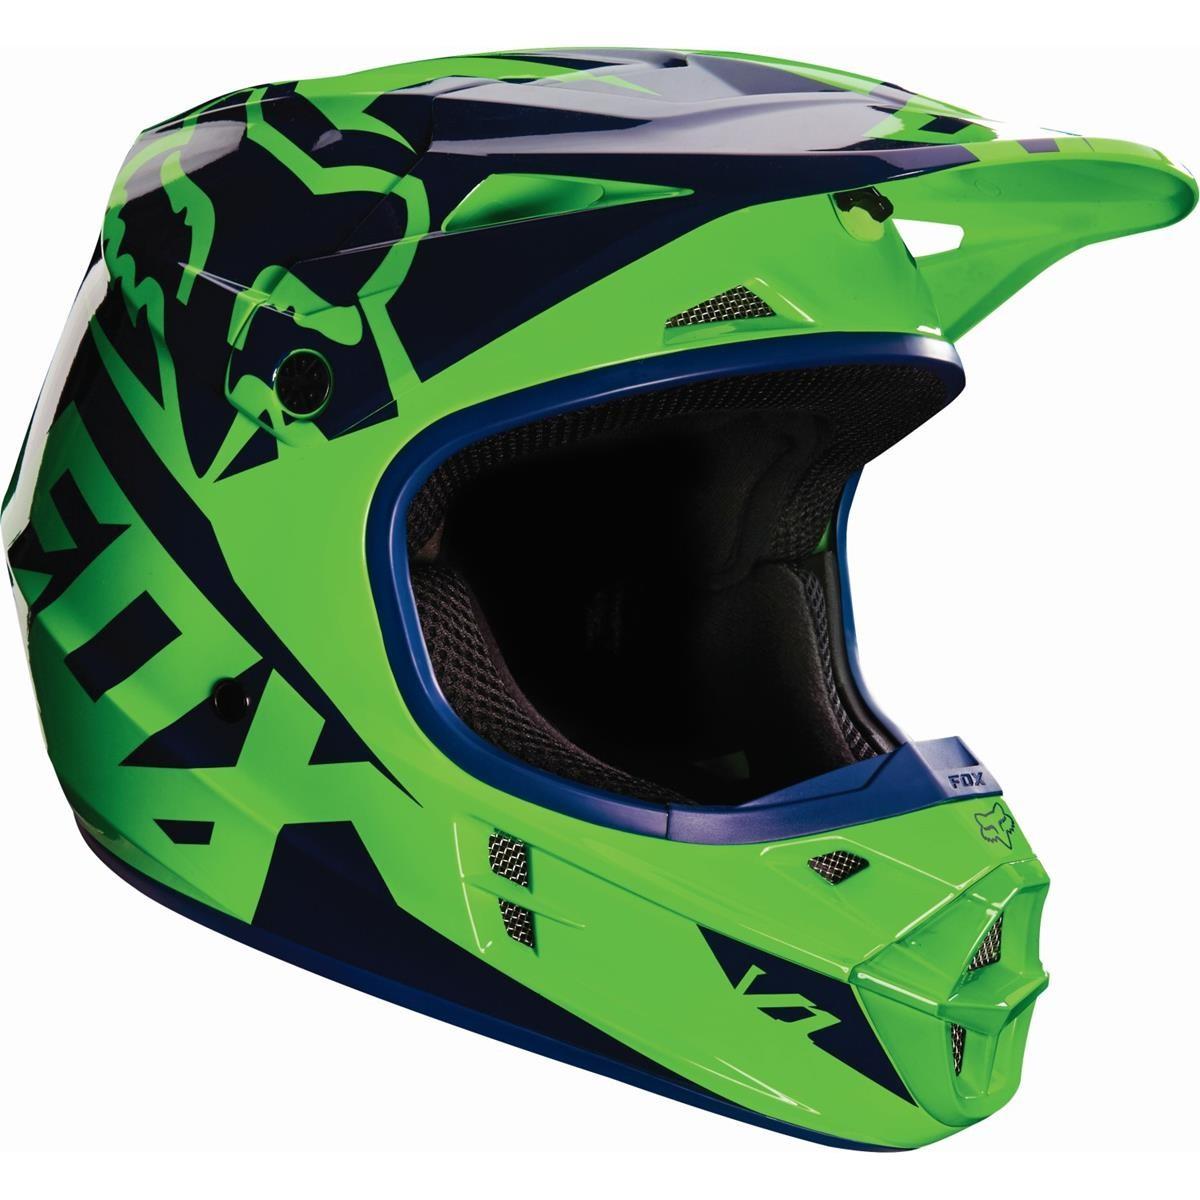 Fox helmet v1 race flo green 2016 maciag offroad